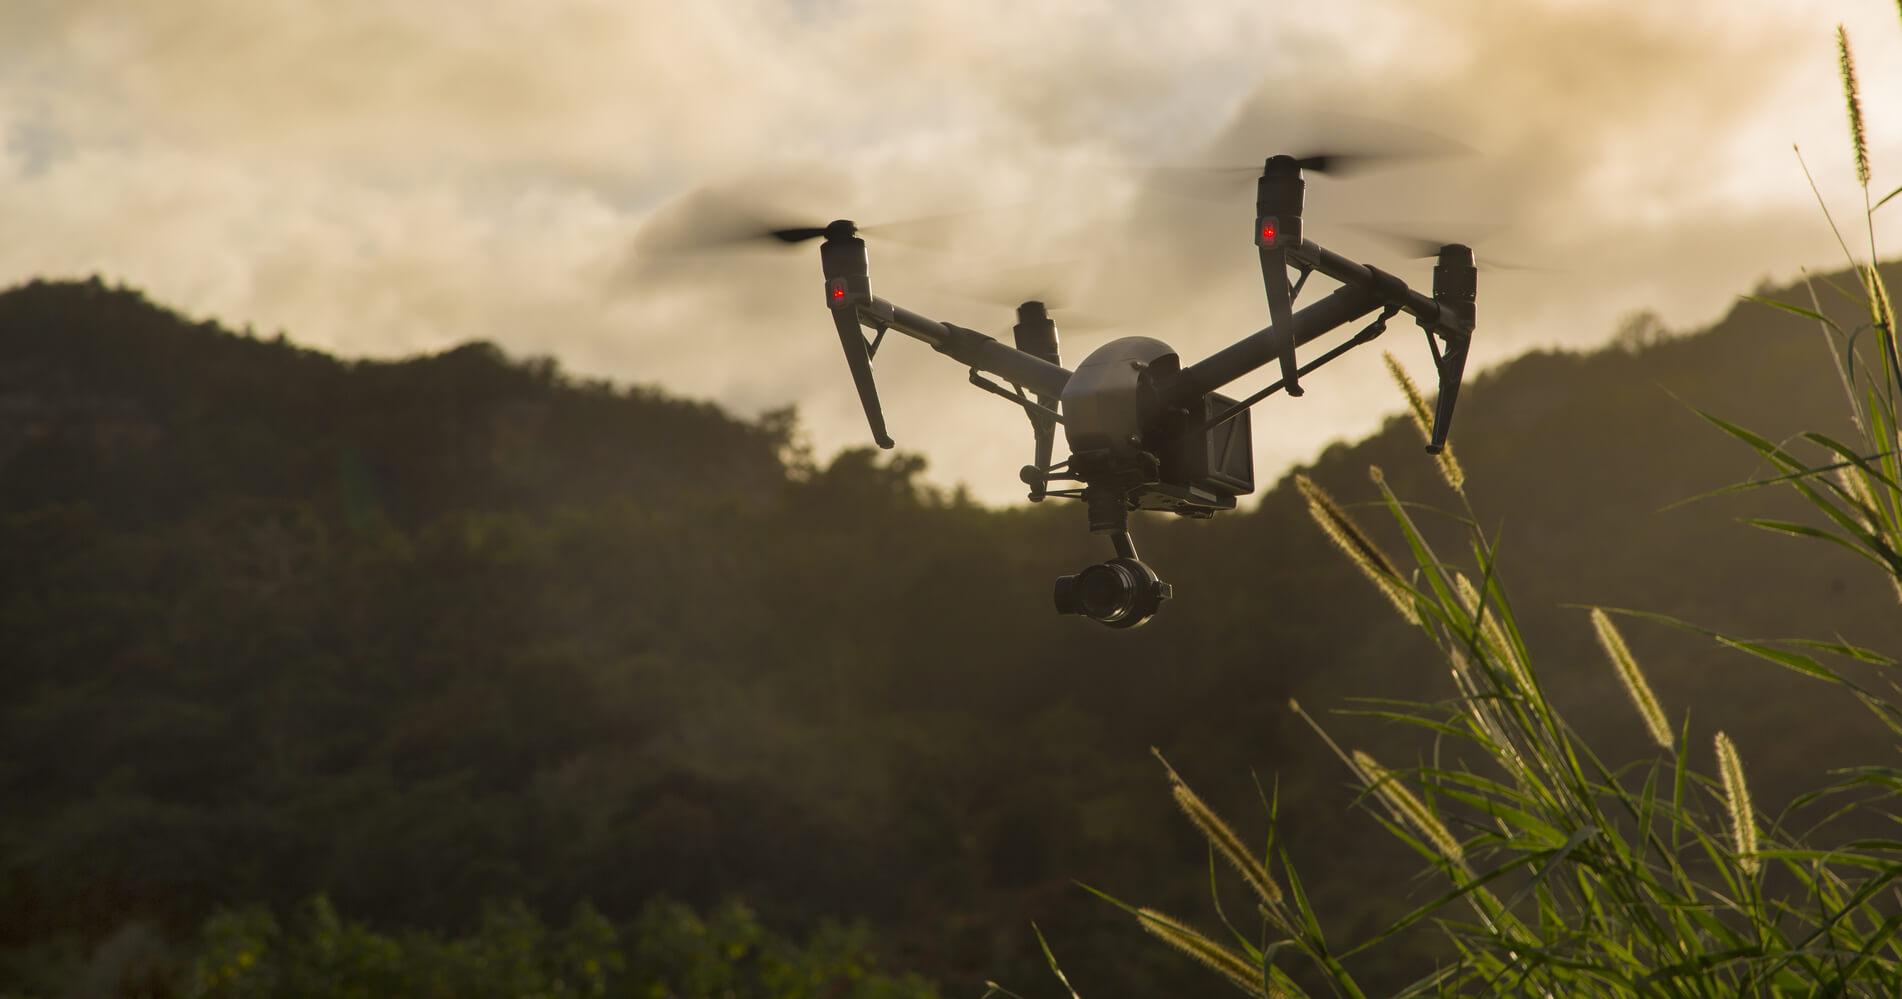 drone services Dubai